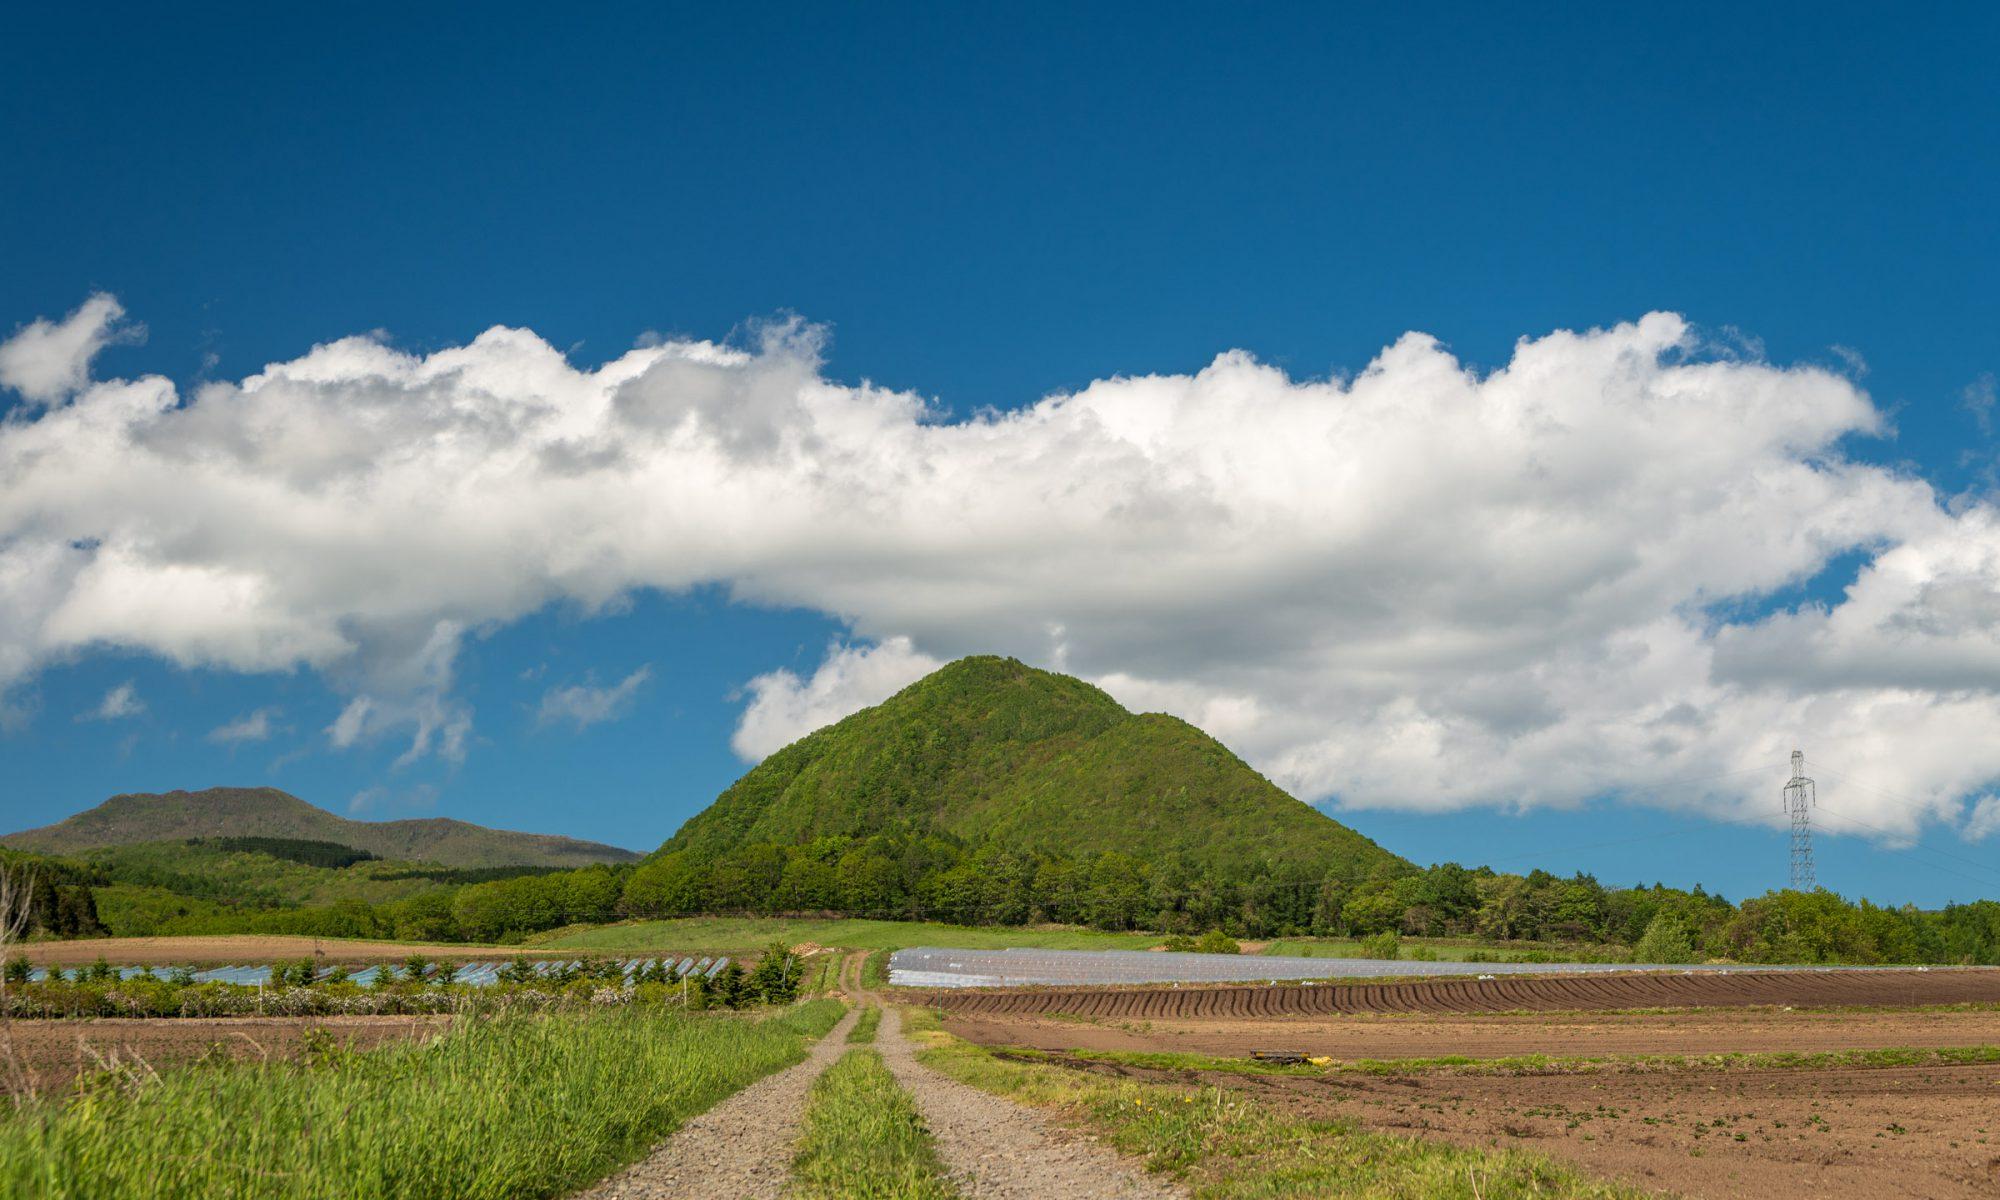 紺色の空と白い雲を冠する深緑の庄司山に伸びる道